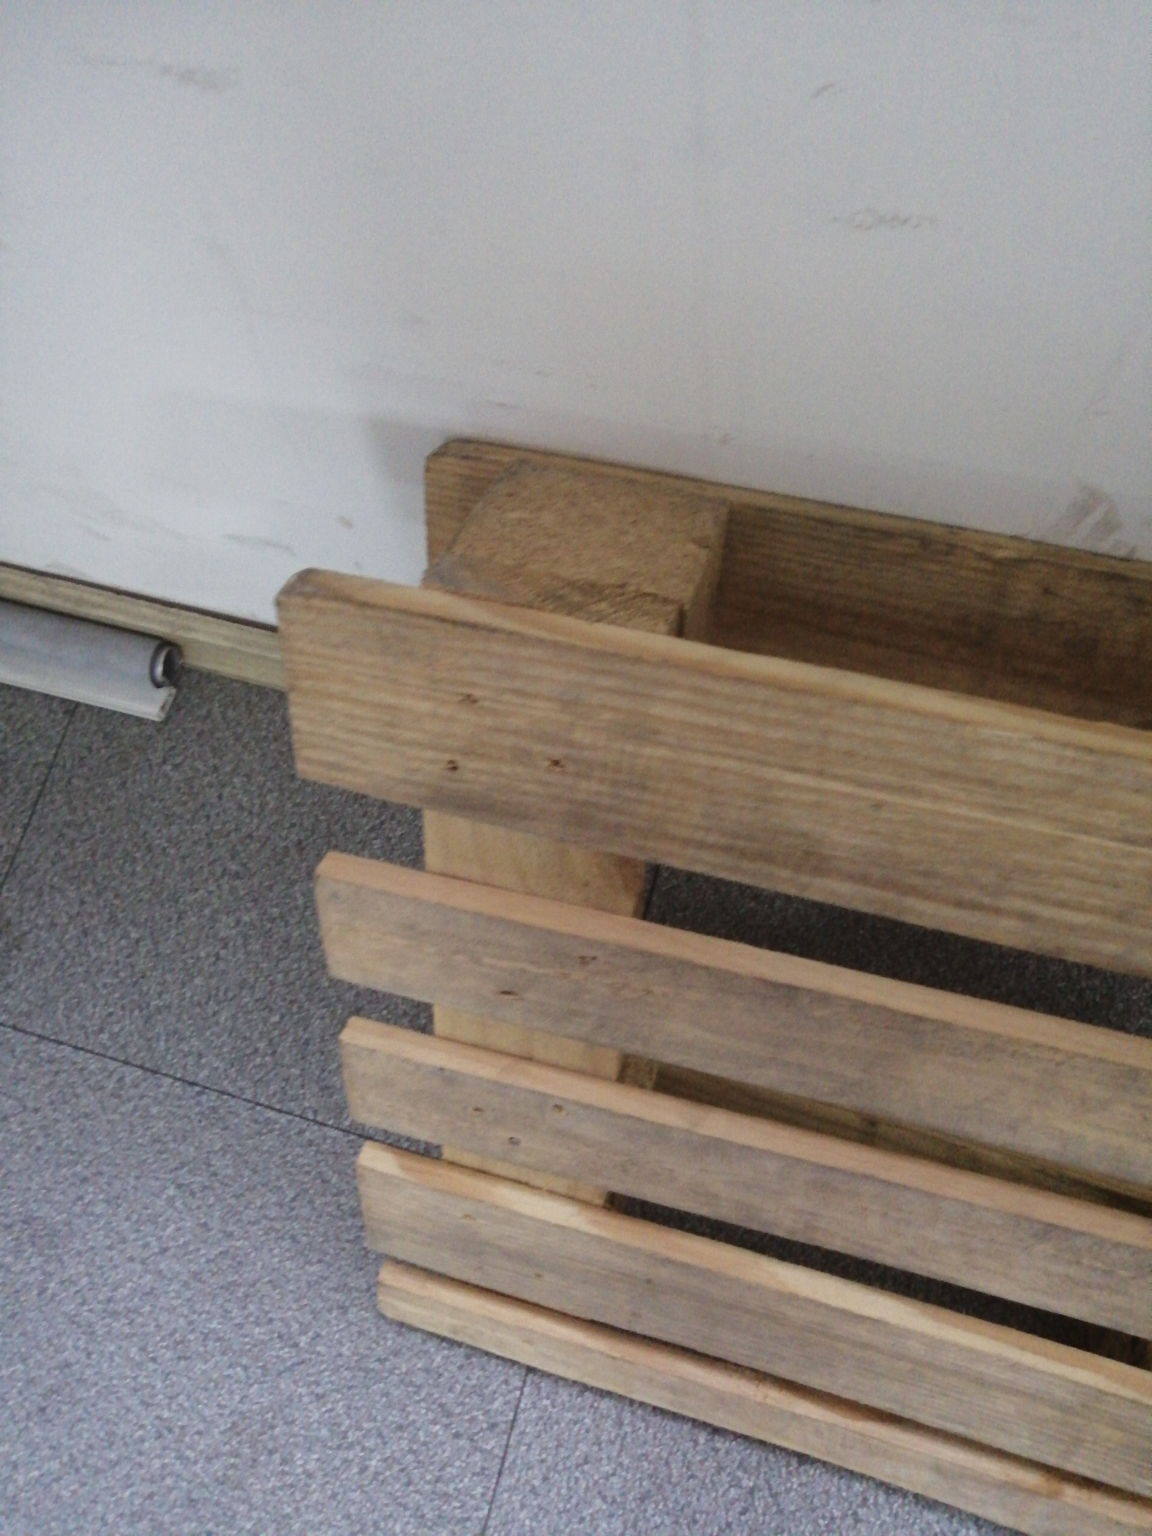 嘉兴长期方形木托盘什么价??,▉ㇳ웃